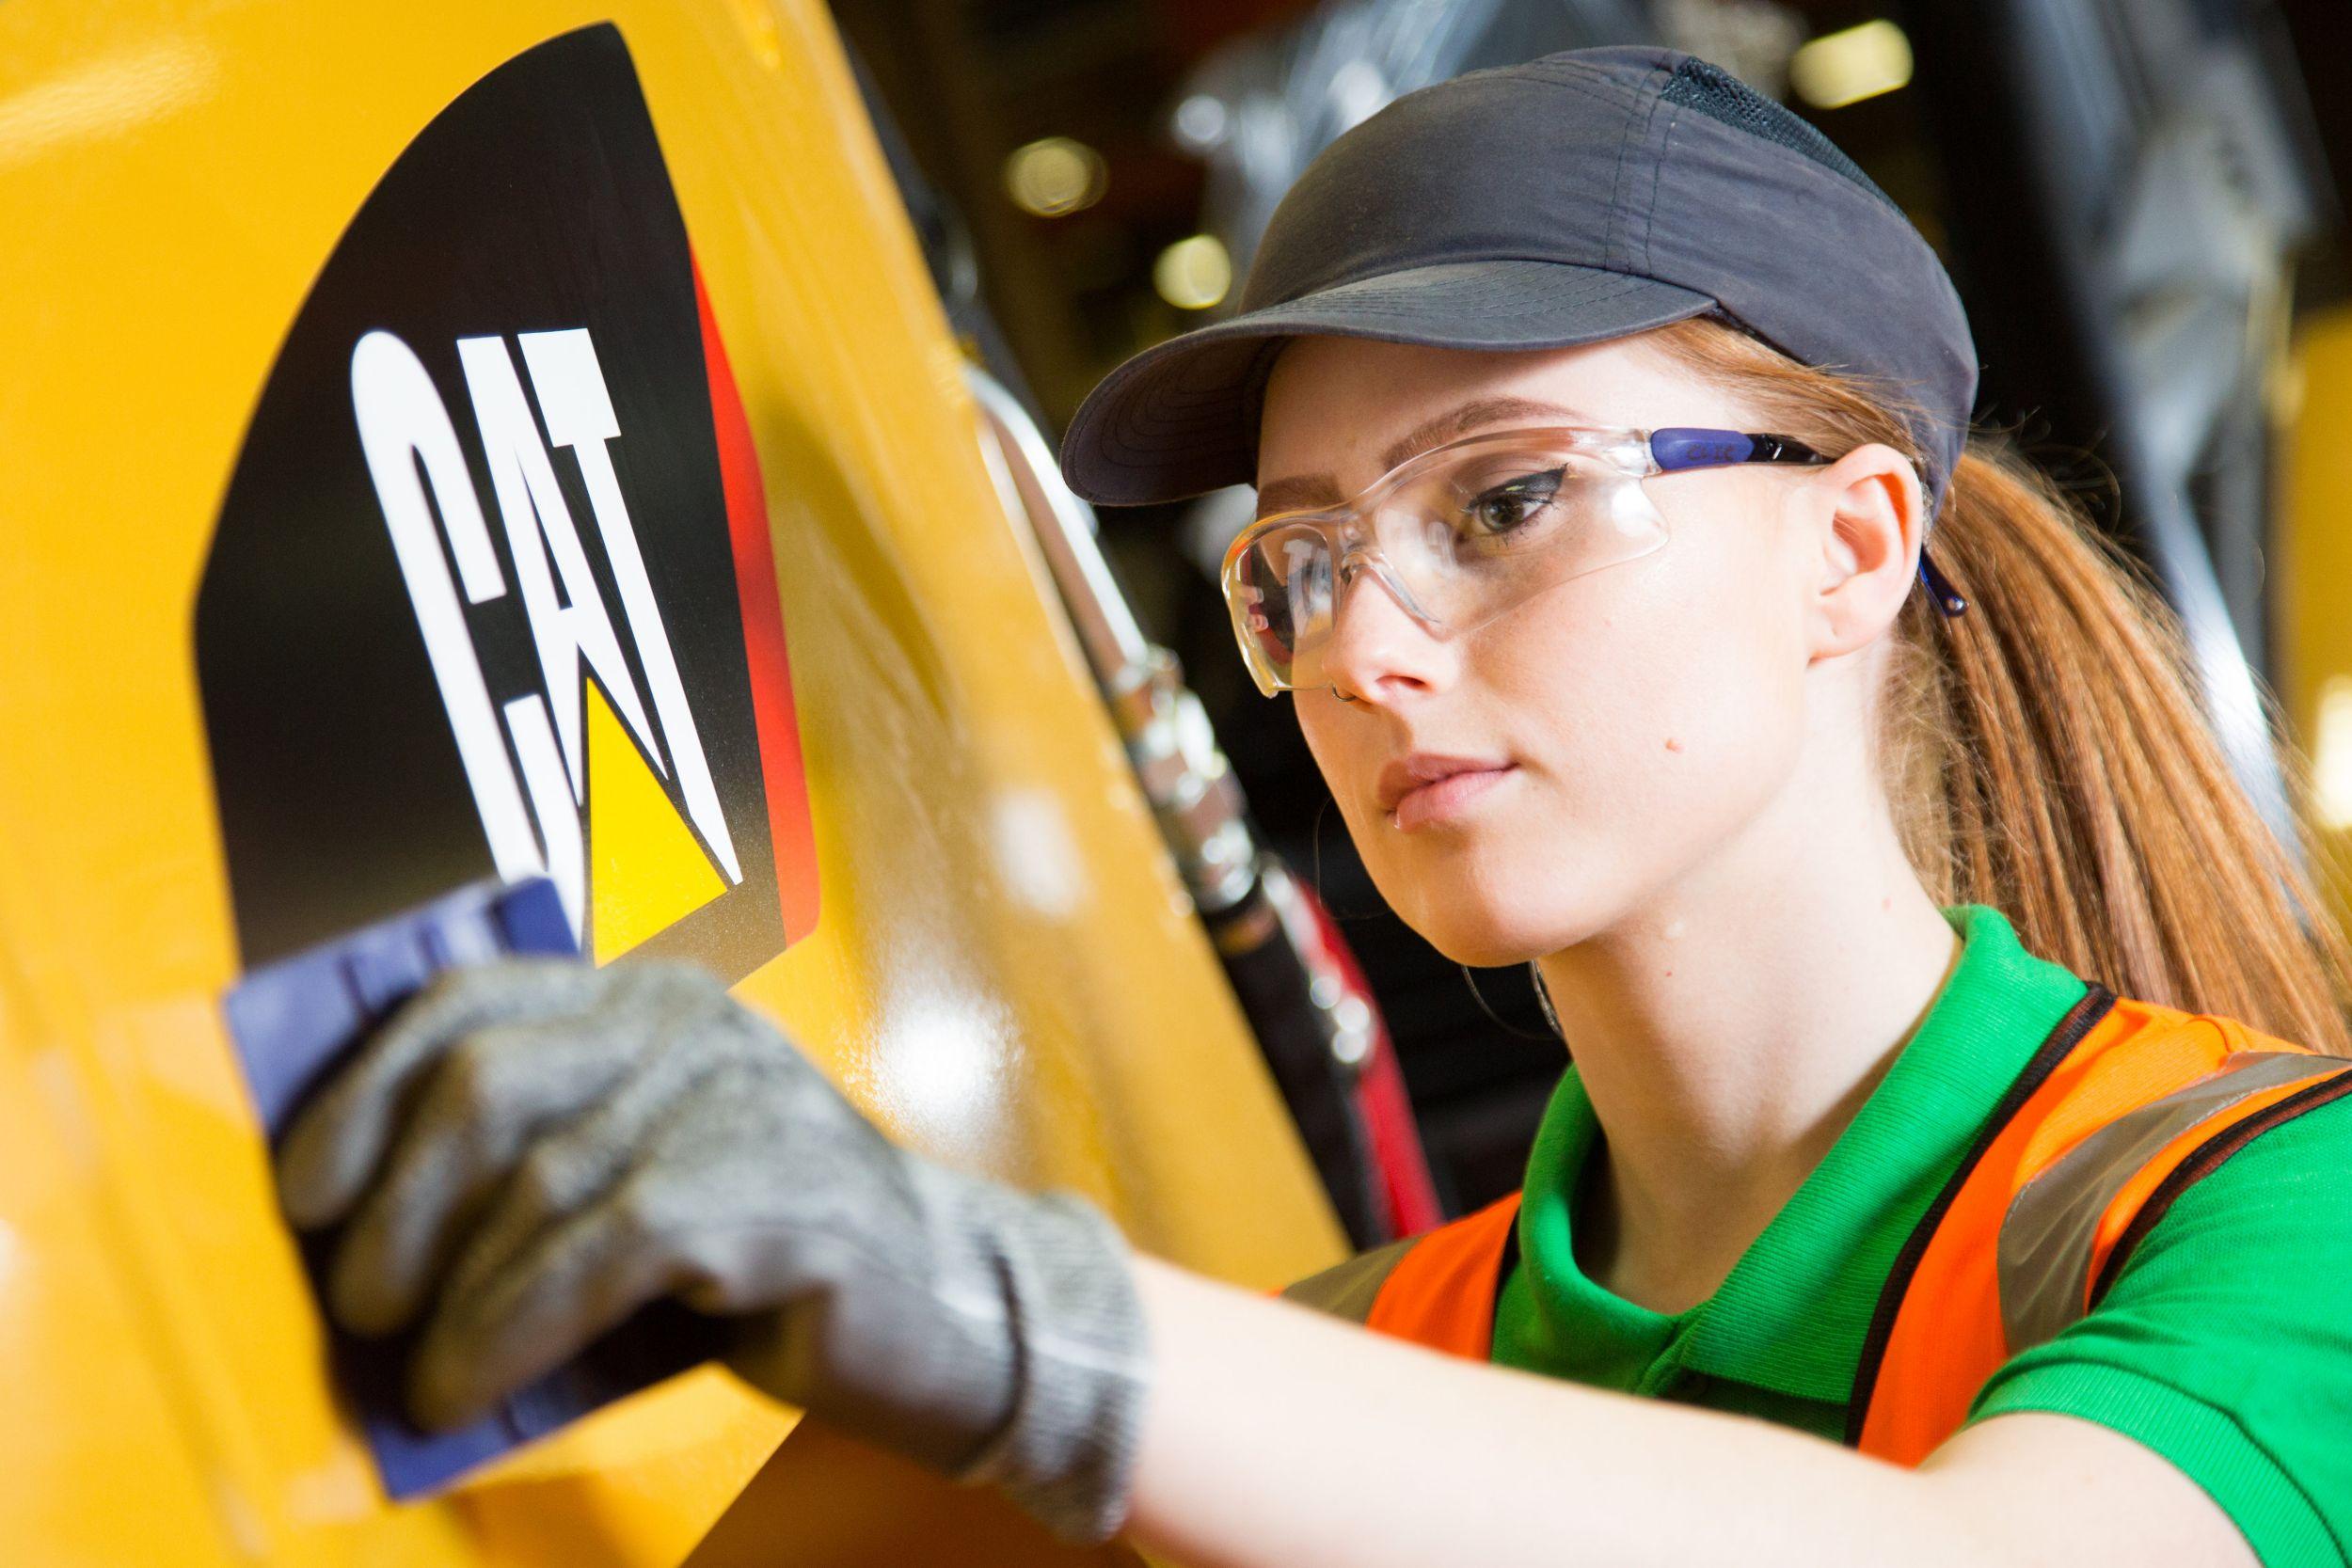 Desford Apprenticeships